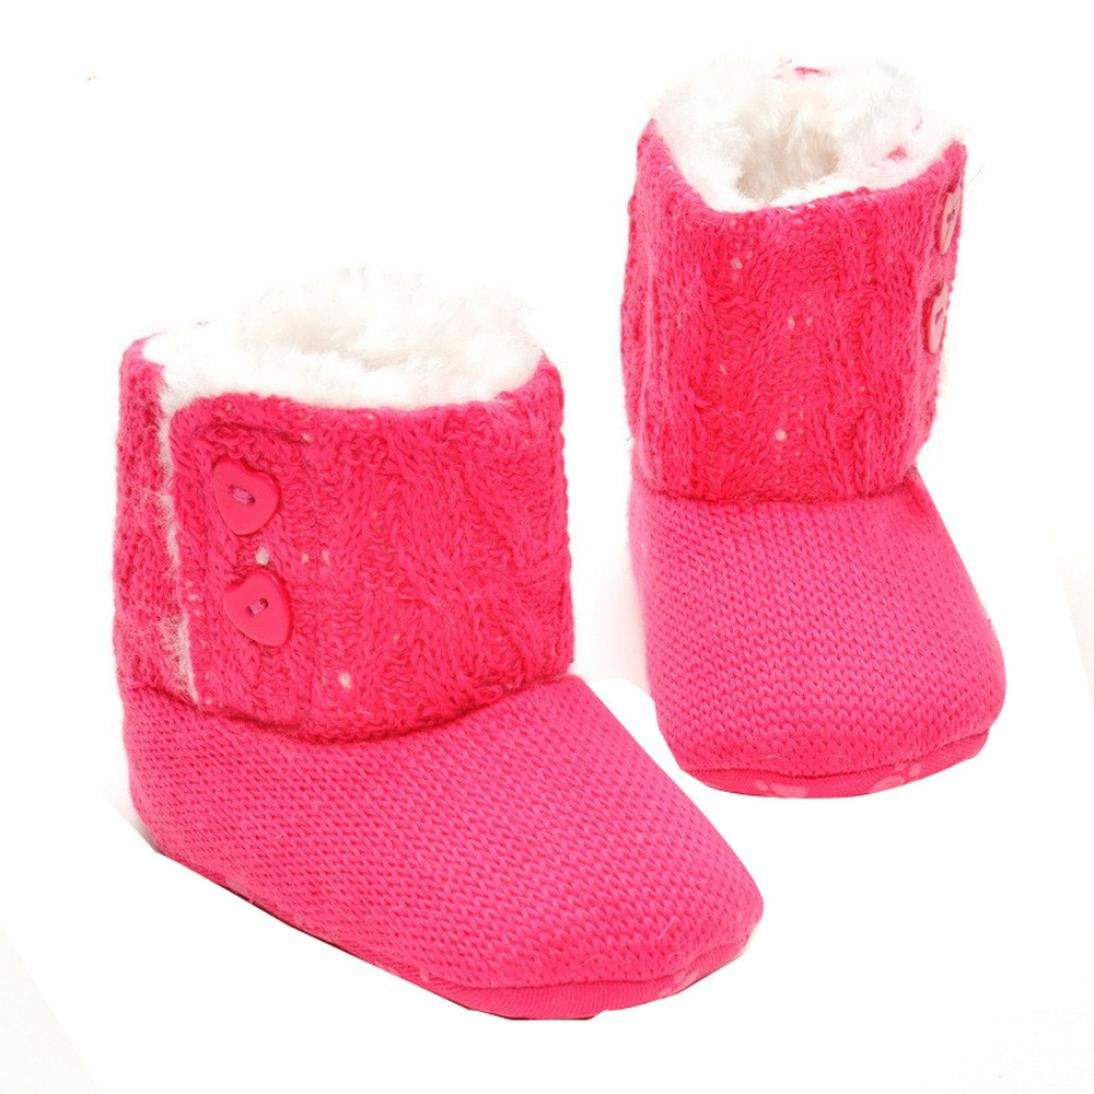 Tefamore Zapatos de Niño Prewalker Invierno Soft Sole Crib Botones de Botón Caliente Boots de Algodón para Bebés Tefamore-641265